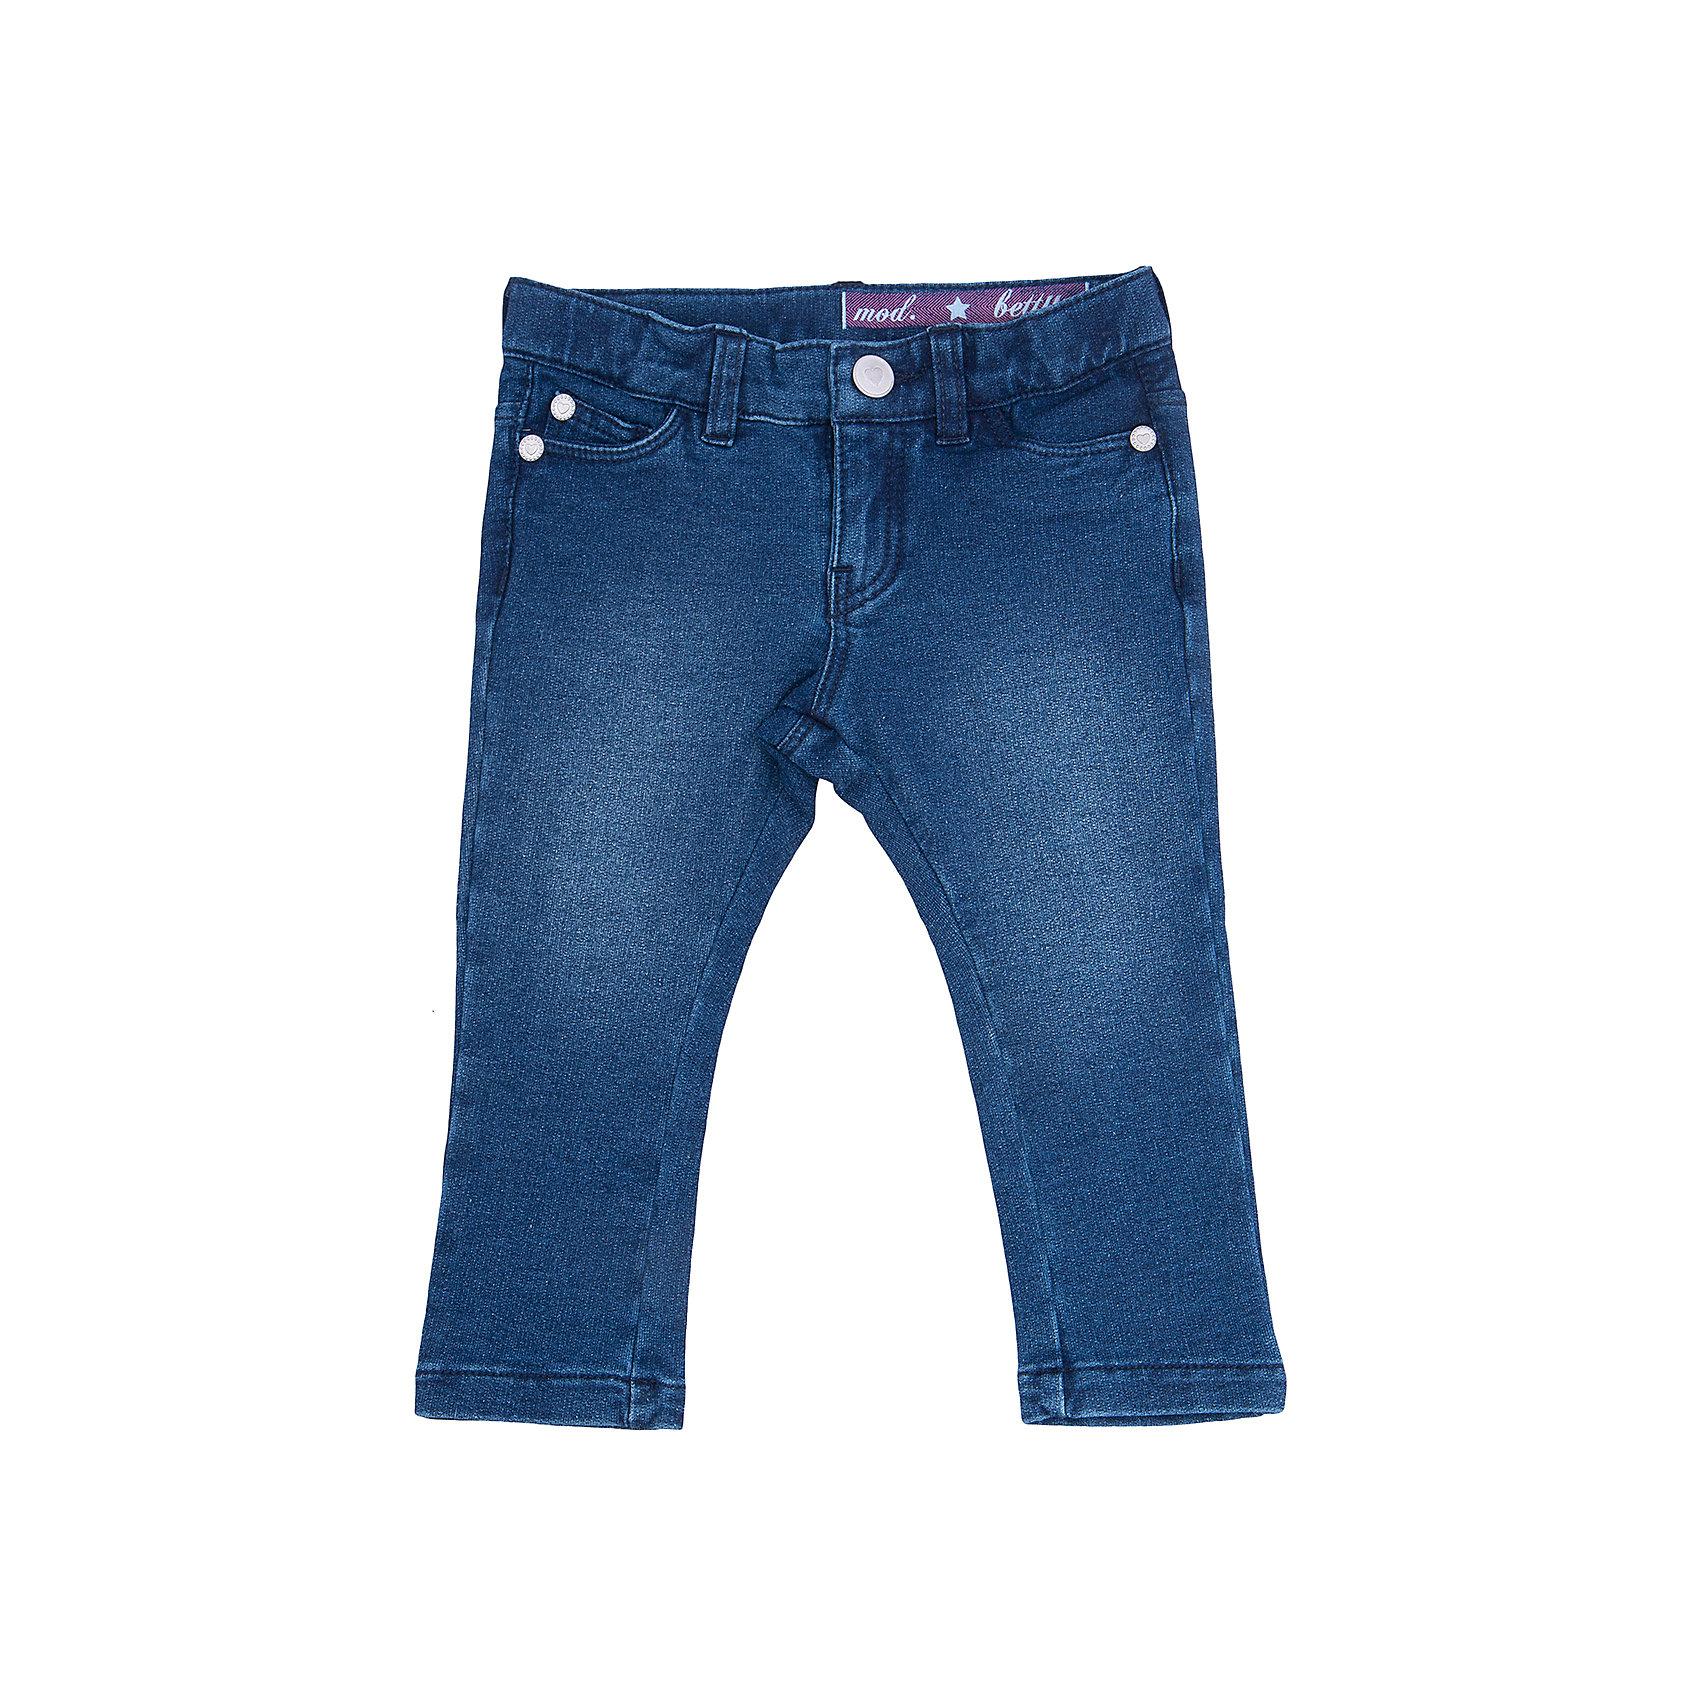 Брюки  для девочки CHICCOДжинсы и брючки<br>Джинсы CHICCO для девочки<br><br>Характеристики:<br><br>Фактура материала: джинсовый трикотаж<br>Особенности брюк: зауженные<br>Тип брюк: обхват талии регулируется, есть пуговица и молния, есть шлевки - петельки для ремня<br>Тип карманов: карманы впереди и сзади<br>Вид отделки: фабричная потертость<br><br>Состав: 86% хлопок, 10% полиэстер, 4% эластан<br><br>Брюки CHICCO для девочки можно купить в нашем интернет-магазине.<br><br>Ширина мм: 215<br>Глубина мм: 88<br>Высота мм: 191<br>Вес г: 336<br>Цвет: синий<br>Возраст от месяцев: 84<br>Возраст до месяцев: 96<br>Пол: Женский<br>Возраст: Детский<br>Размер: 74,80,86,92,98,104,110,116,122,128<br>SKU: 5082672